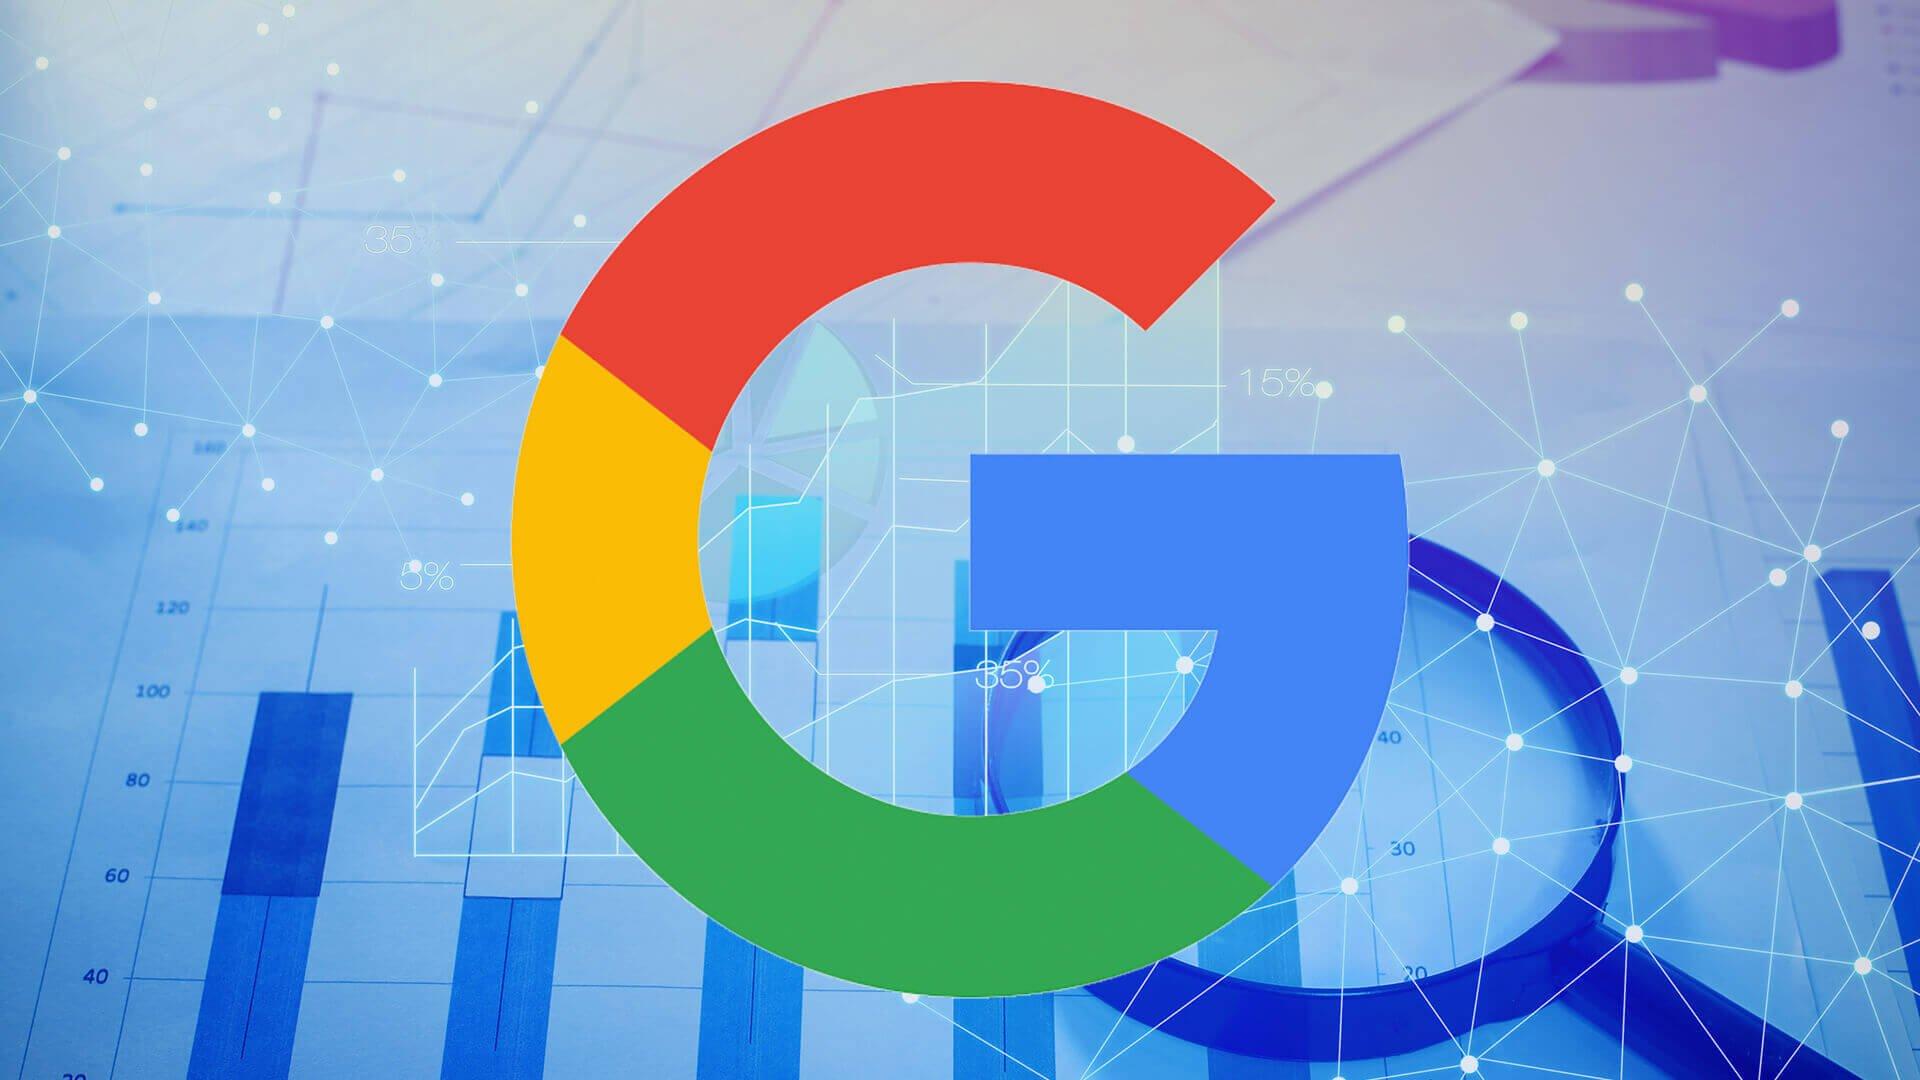 Κατασκευή e-shop & ιστοσελίδων Θεσσαλονίκη 7 Tips για να λανσάρεις μια πετυχημένη καμπάνια Google Adwords